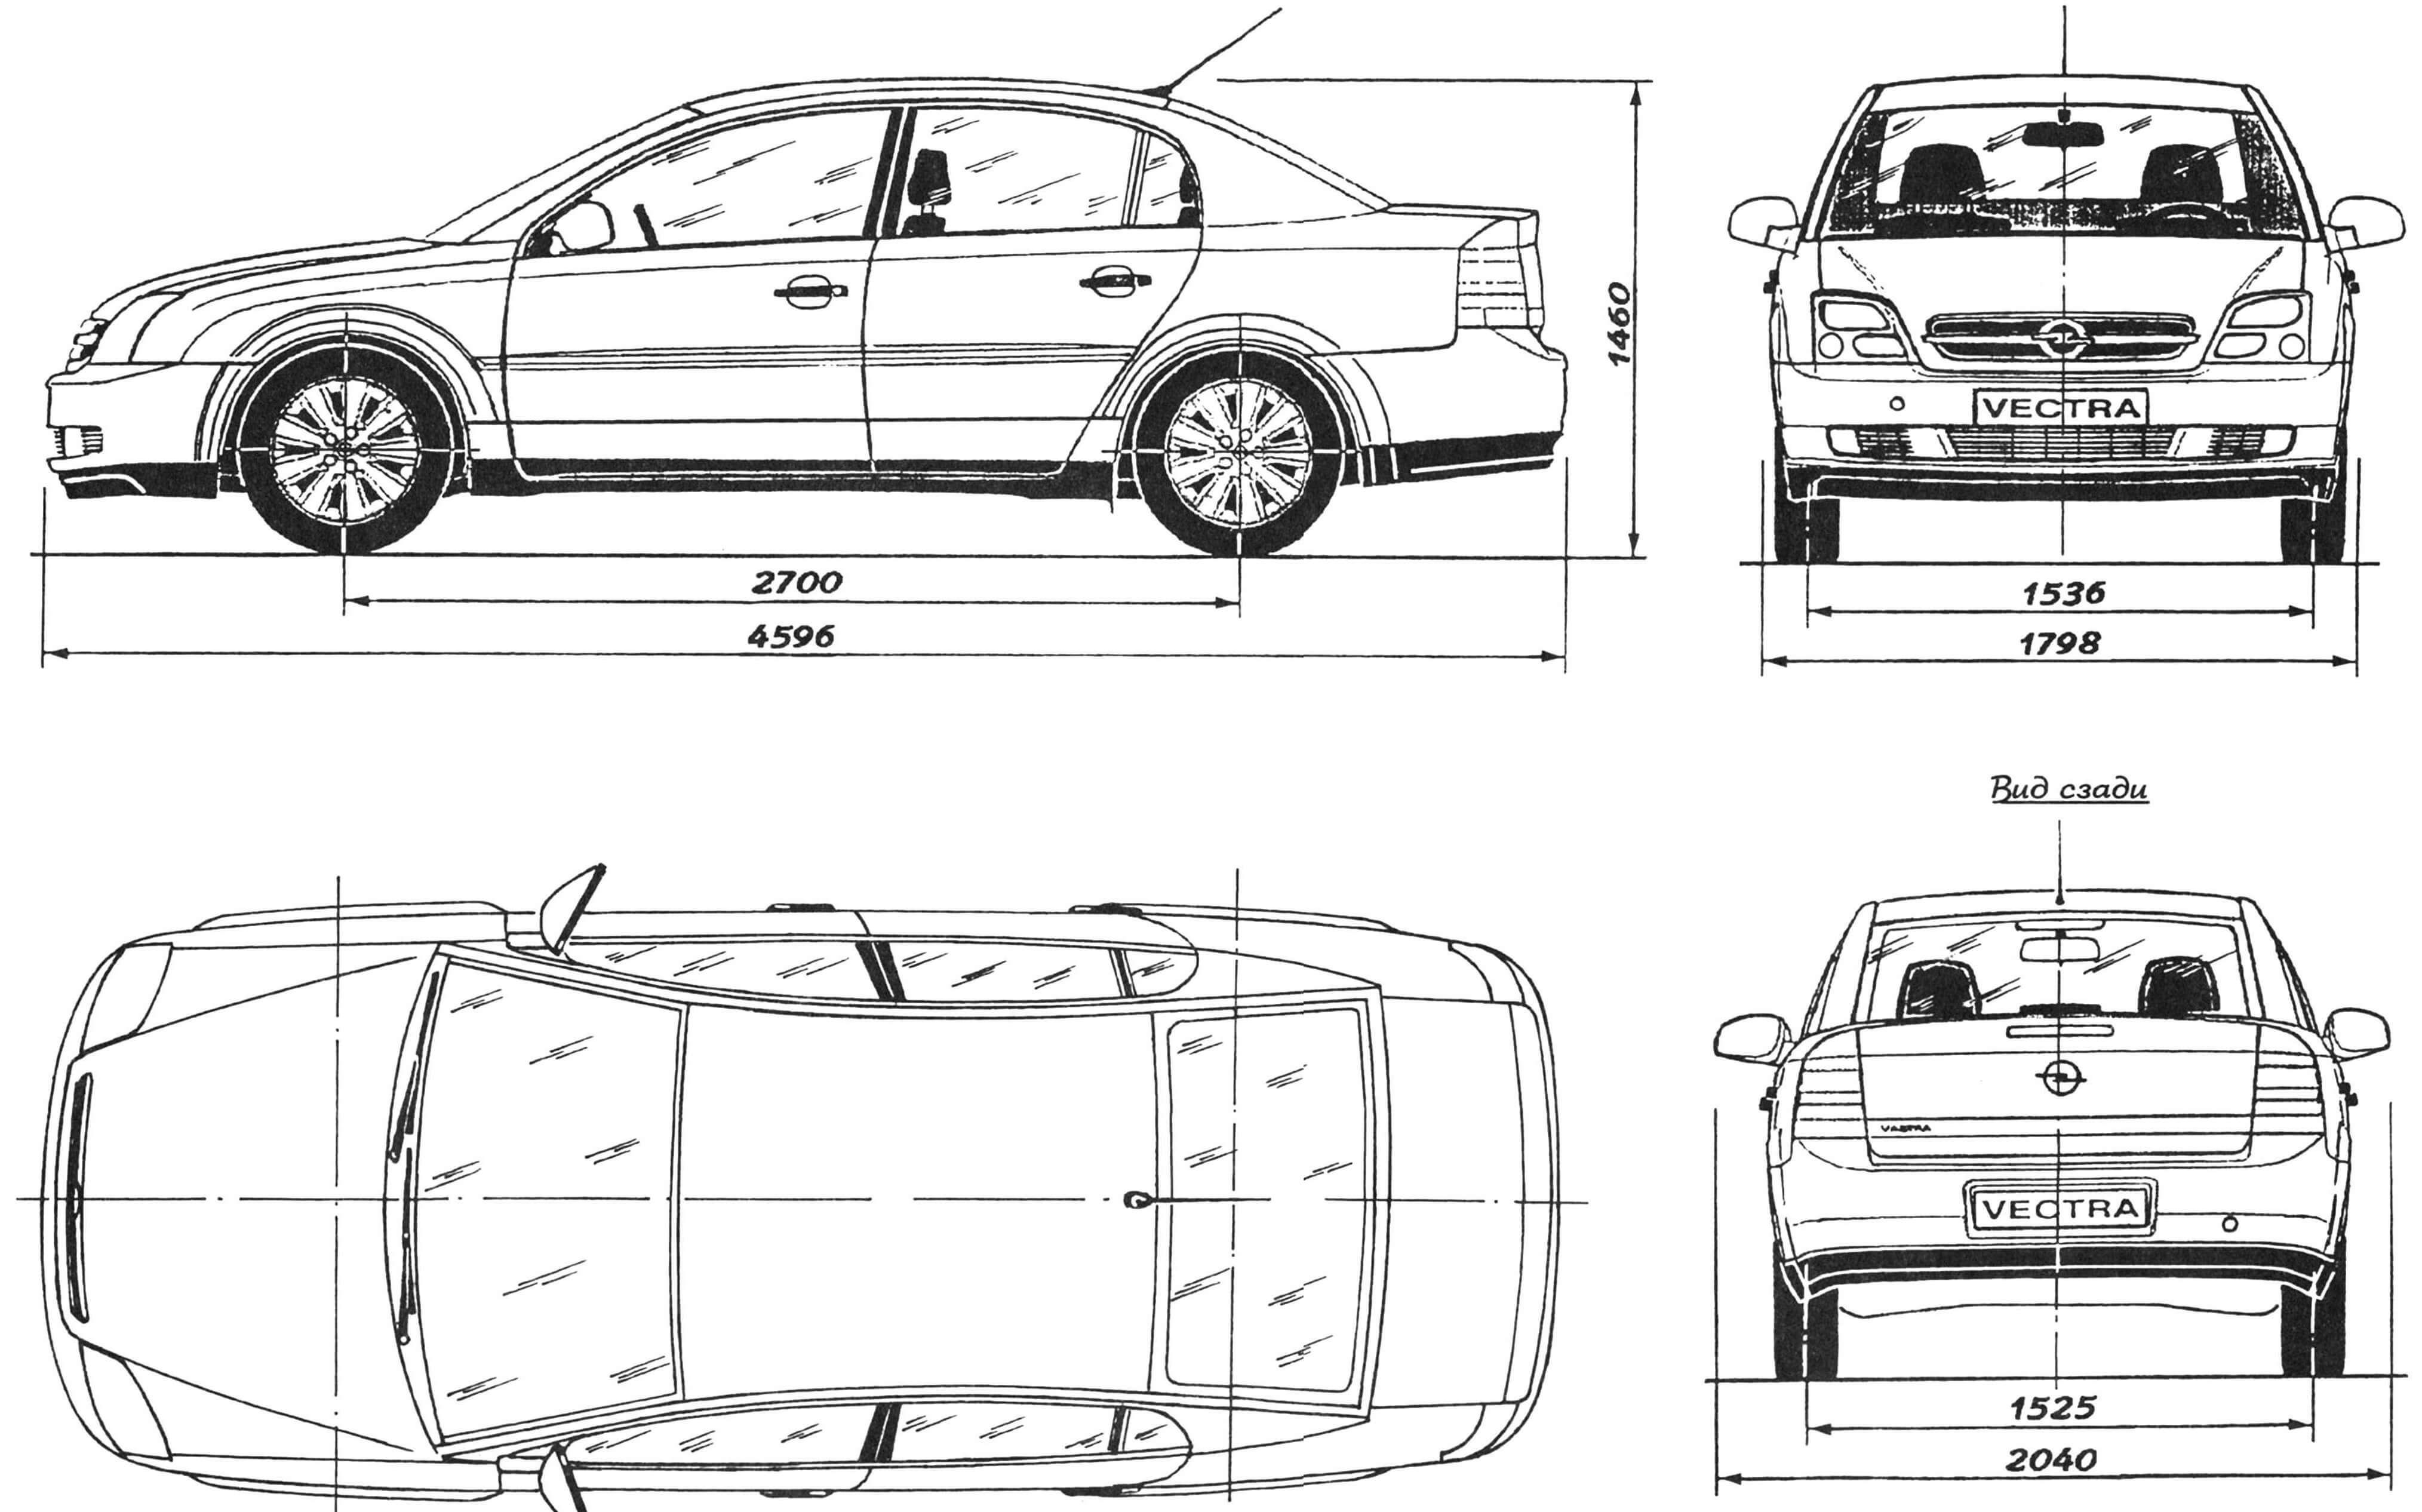 Геометрическая схема автомобиля Opel Vectra 2002 года